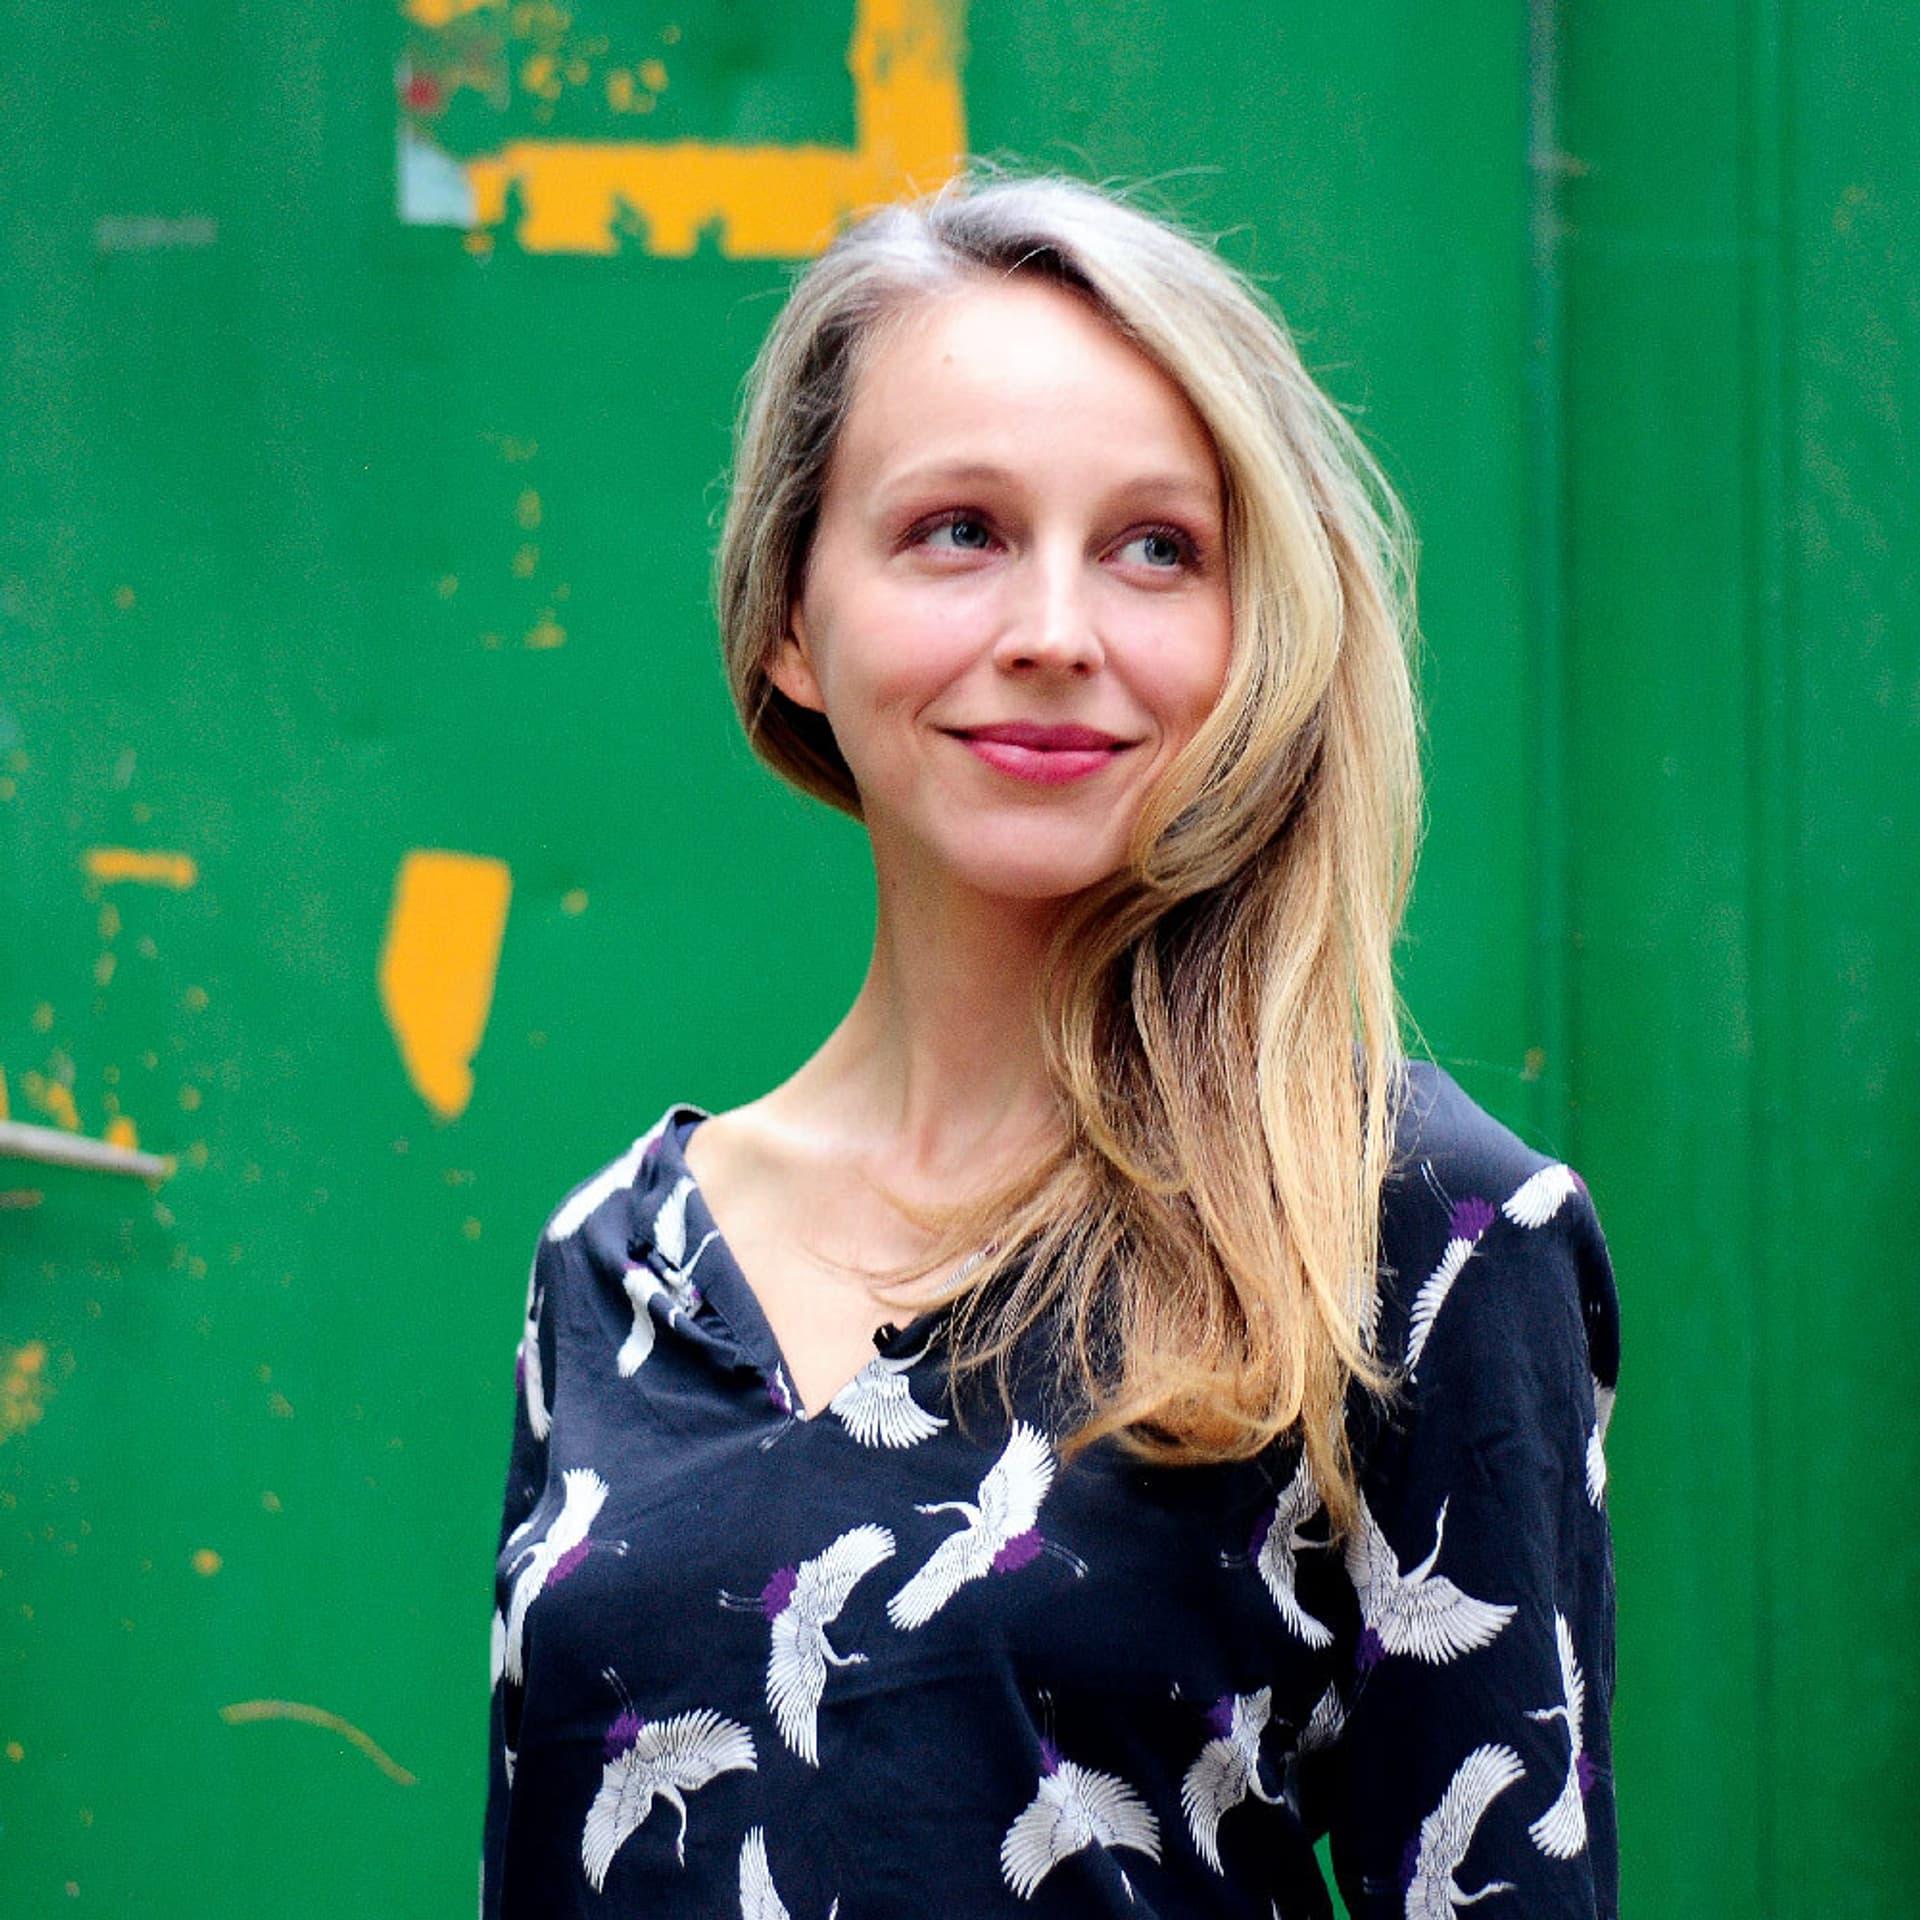 Petra Schmidt-Schaller in einem blauen Kleid mit weißen Vögeln